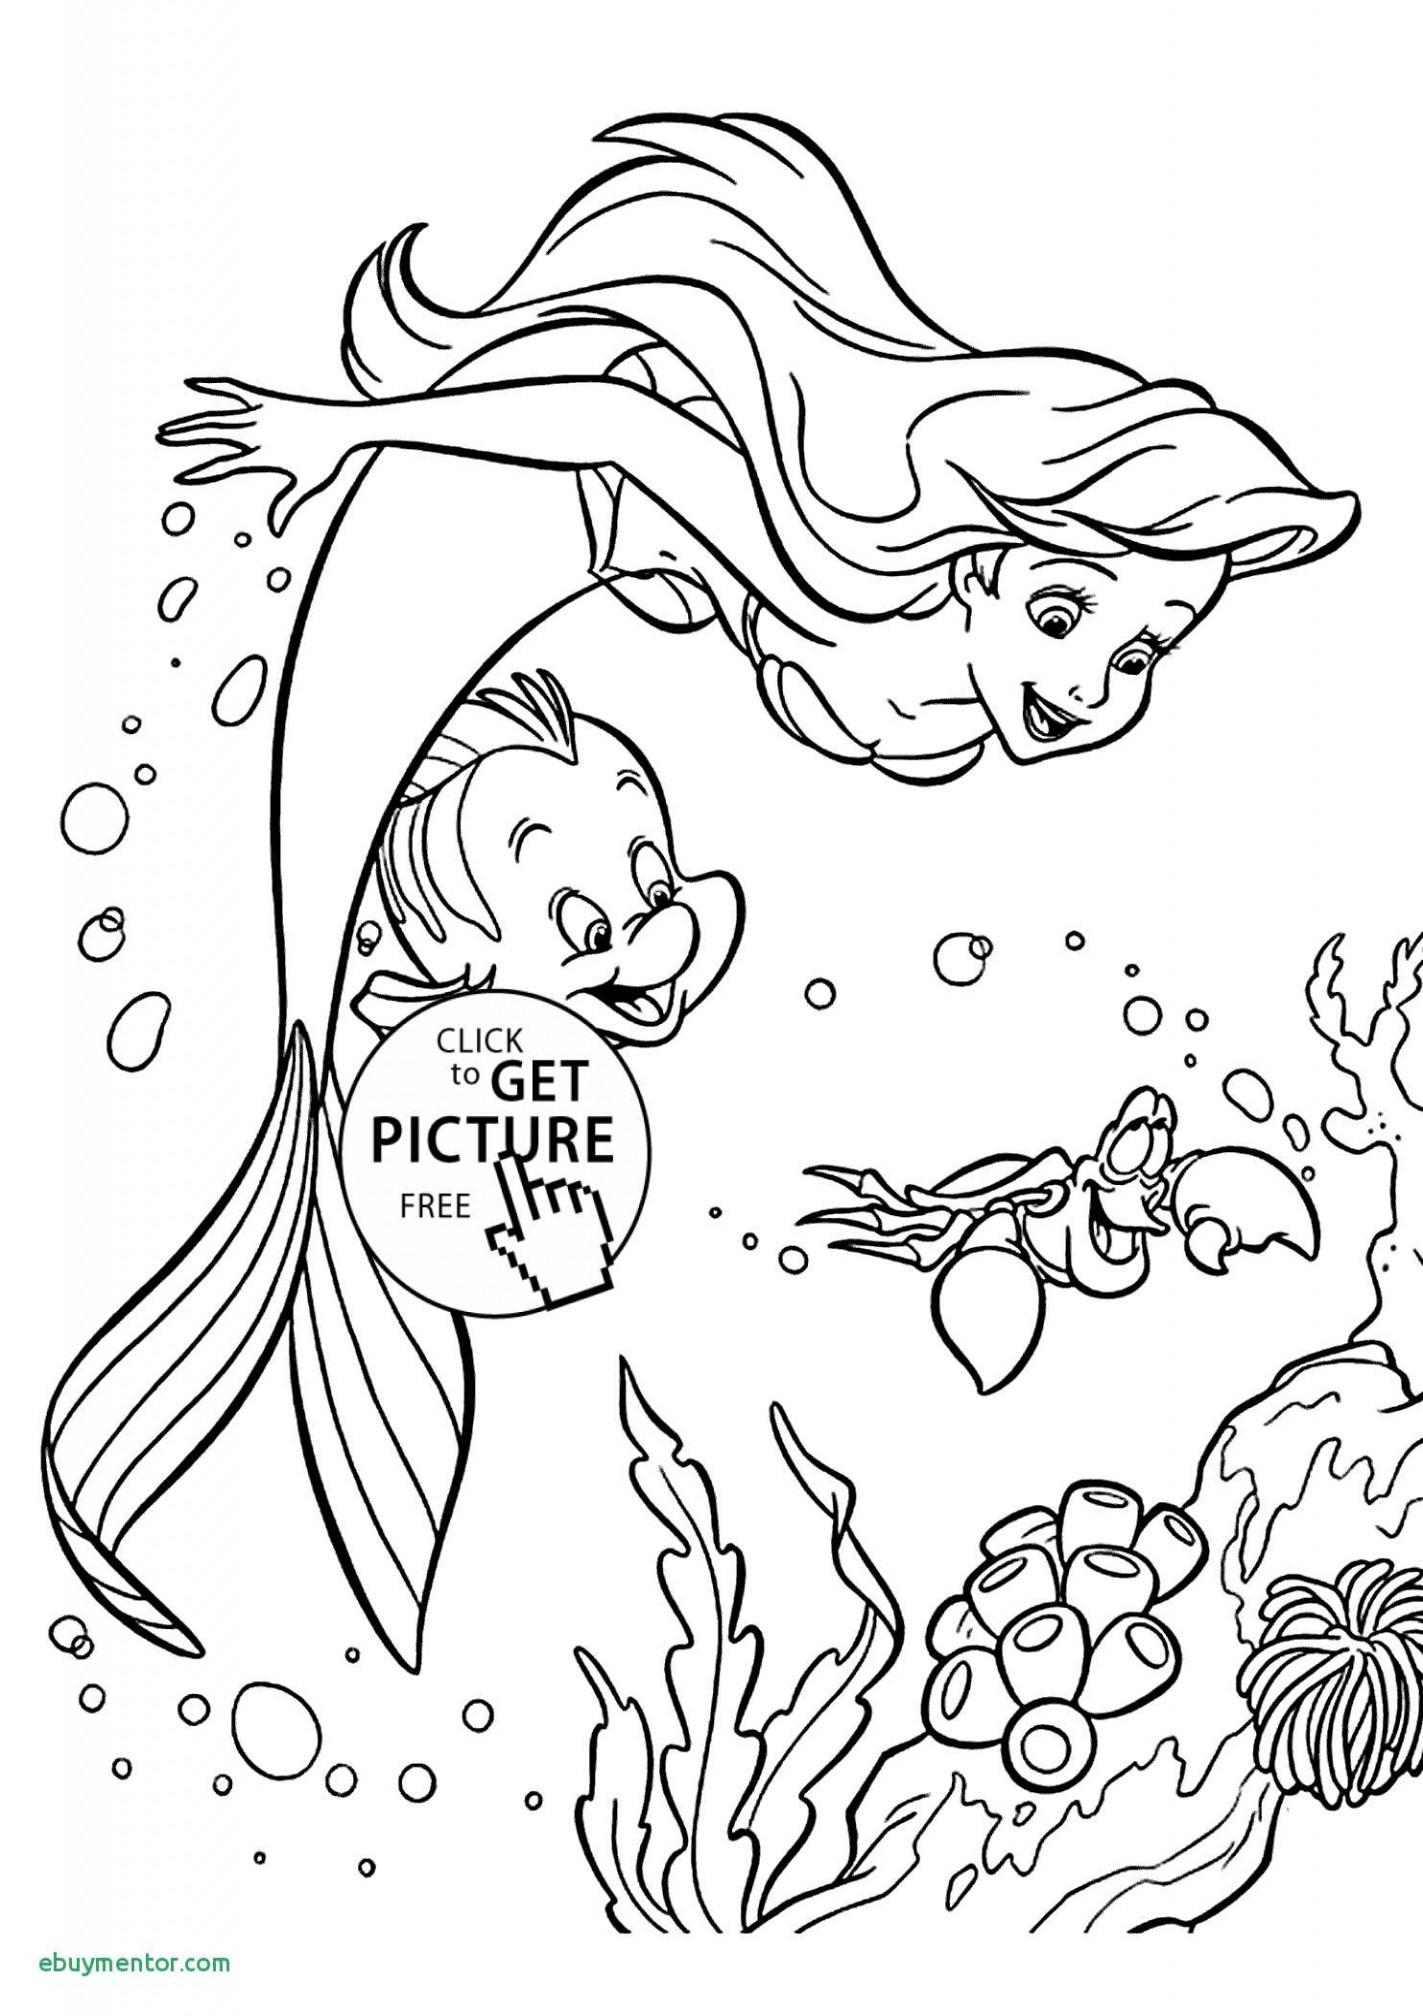 Coloring Pages Of Little Mermaid Mermaid Coloring Pages The Little Mermaid Printable Coloring Pages